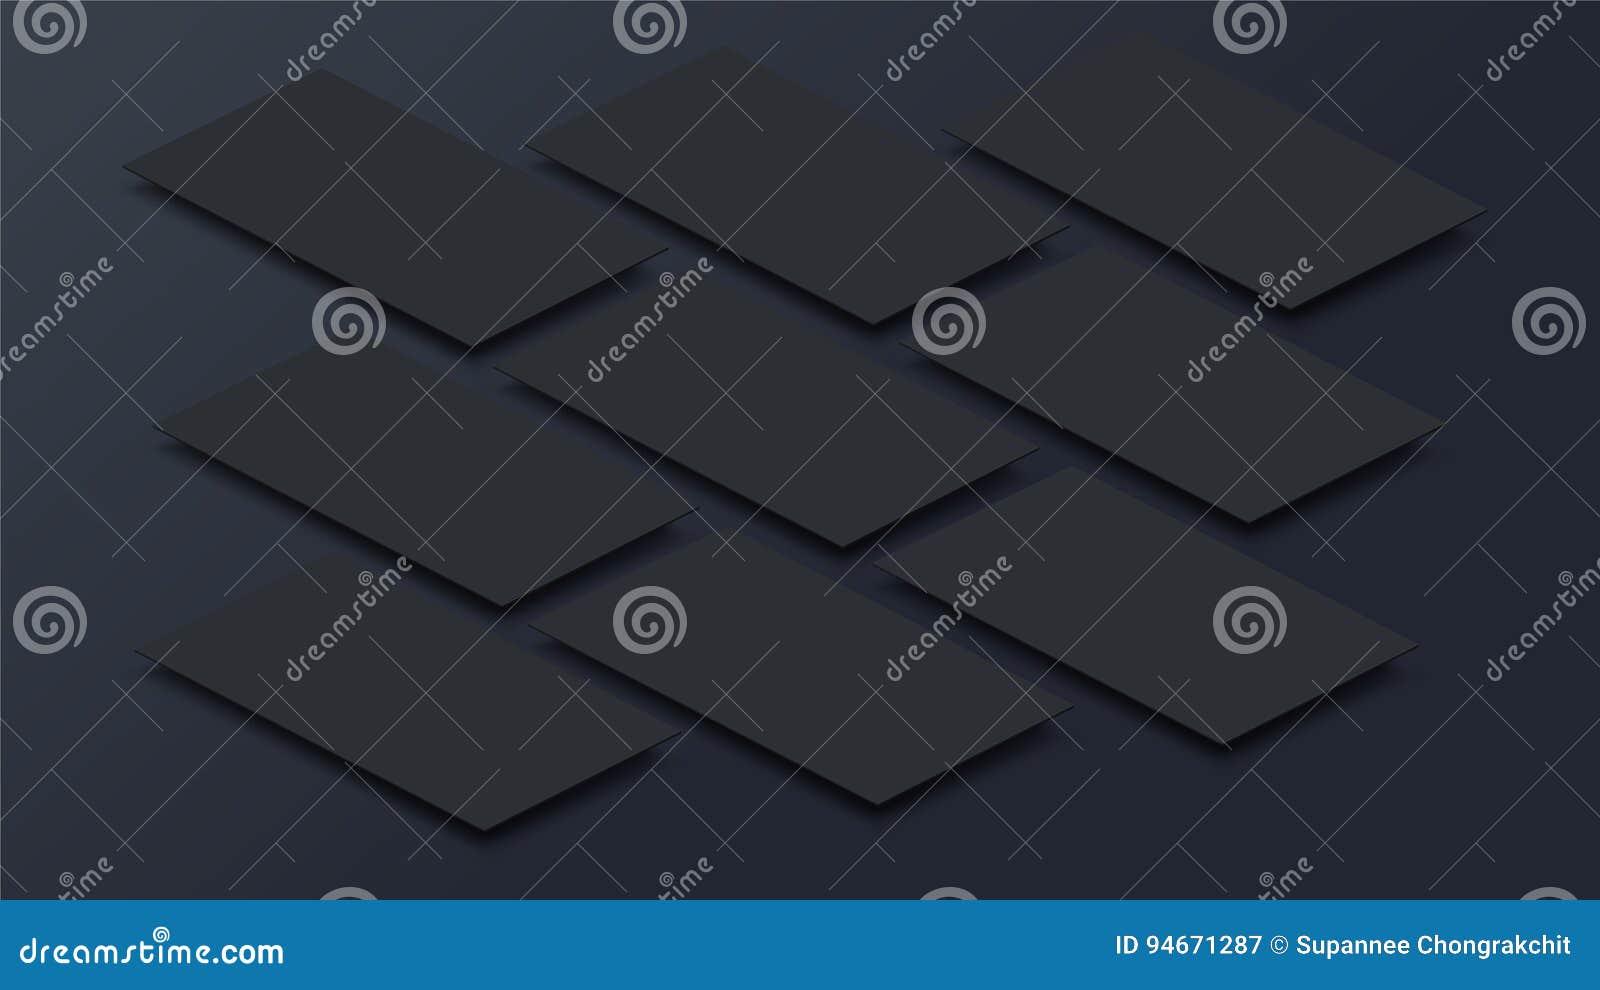 Imite encima de interfaz móvil del app en la opinión de perspectiva 3D Pantalla en blanco del app Relación de aspecto horizontal